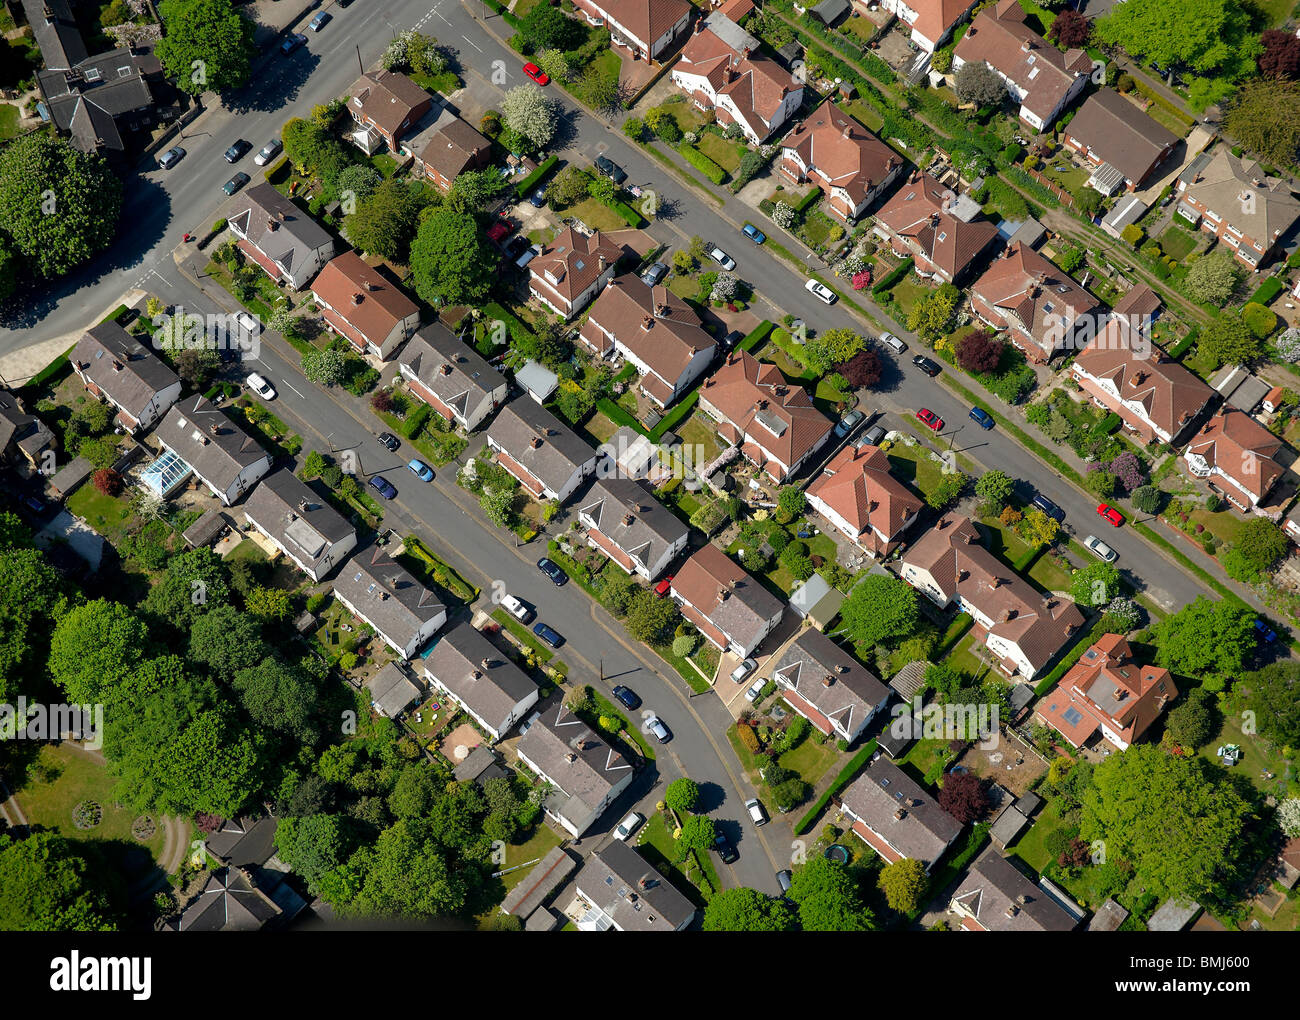 Suburban Britain, Nottingham, East Midlands, England, UK - Stock Image